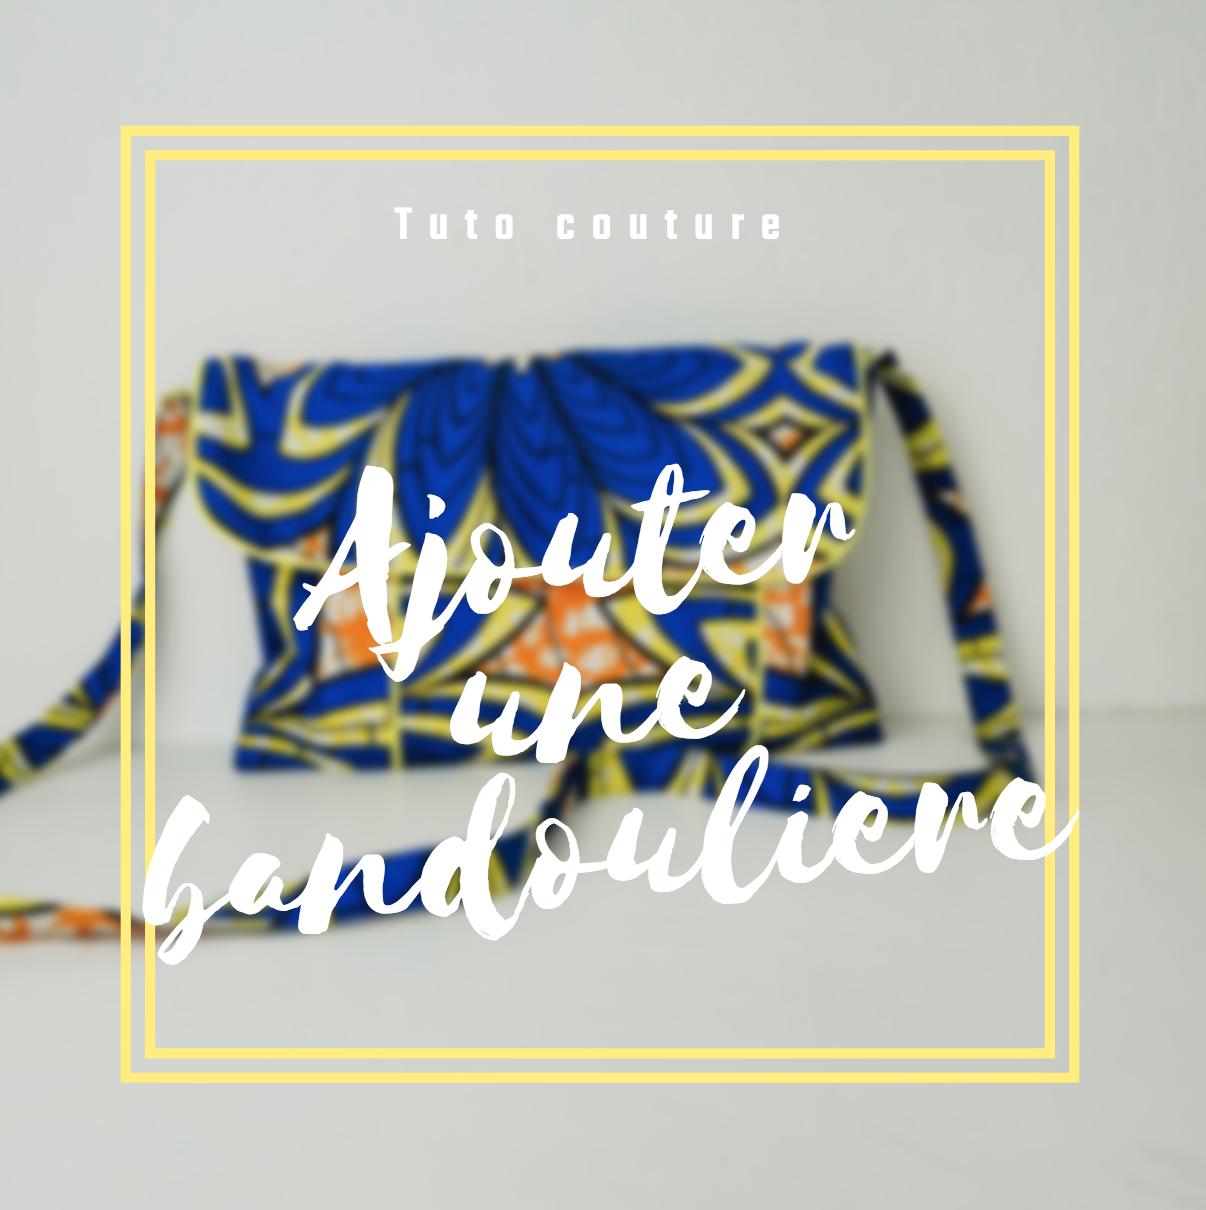 Tuto couture Petit Patron